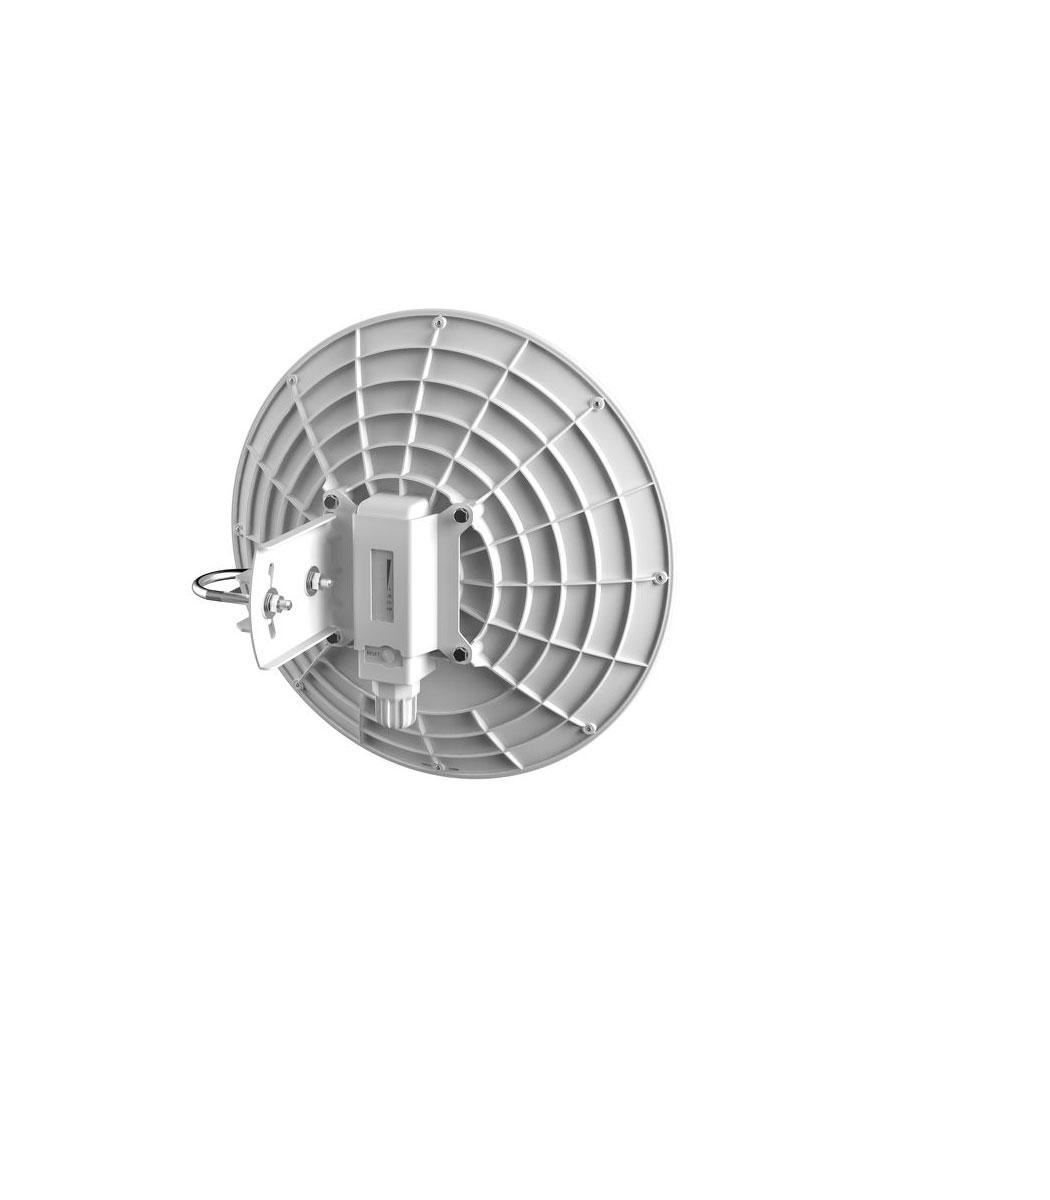 ررادیو وایرلس میکروتیک Mikrotik DynaDish 6